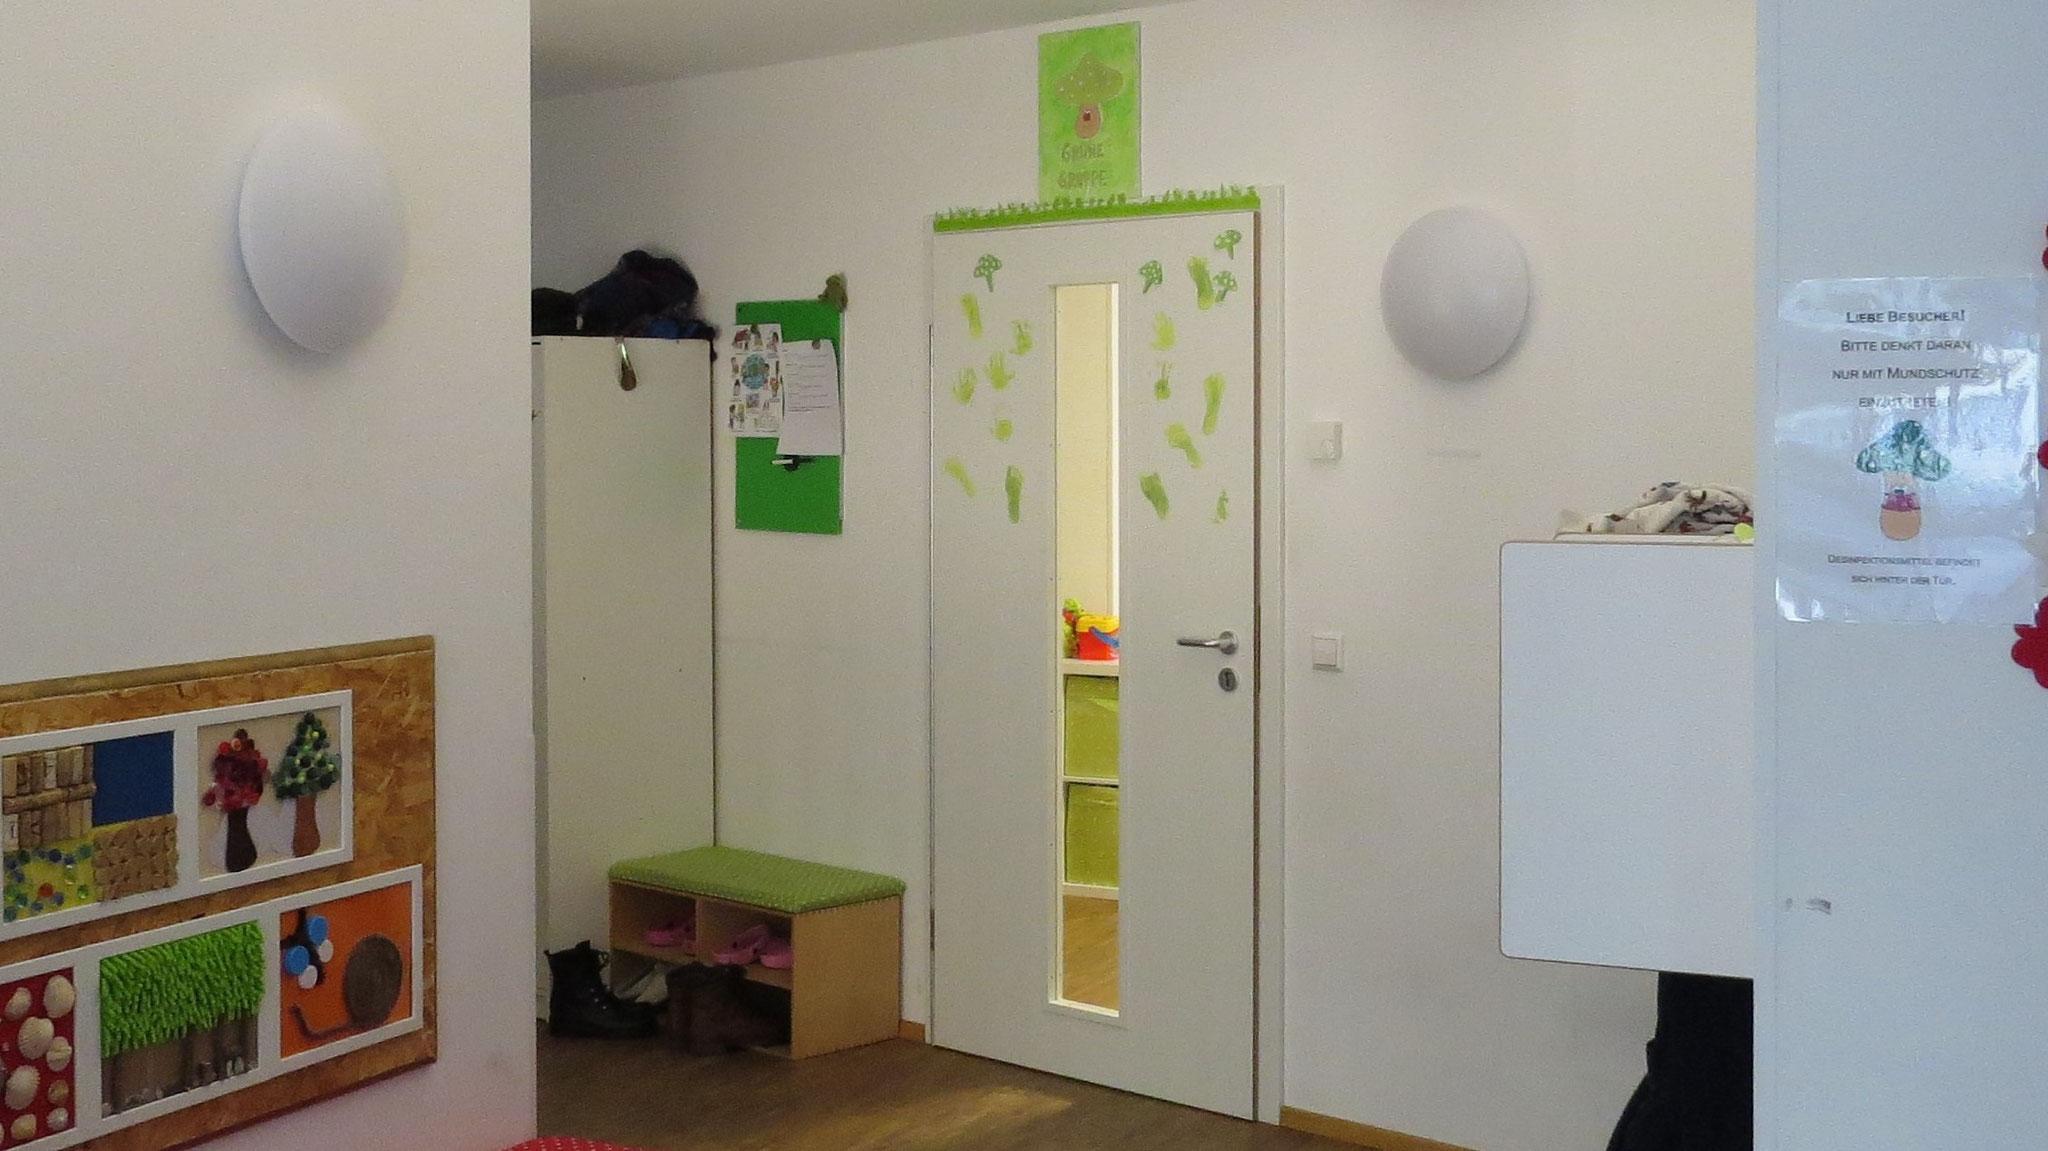 Eingang zu den grünen Glückspilzen